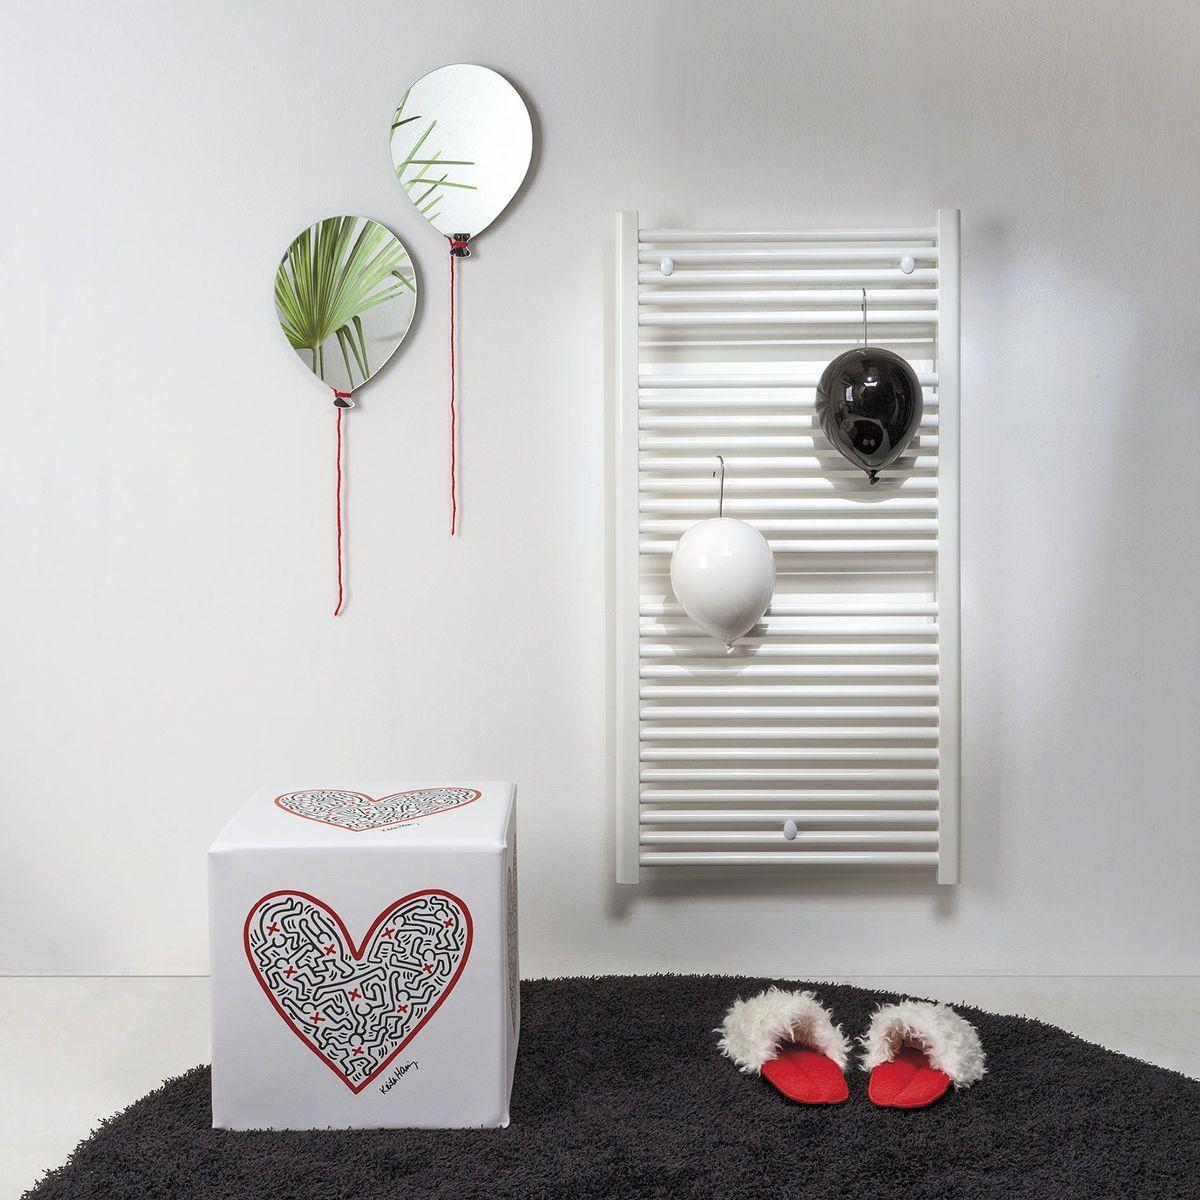 ciabatte da camera in pile rosso e pelliccia bianca Pelù su tappeto nero ai piedi di un radiatore bianco e accanto a un pouf bianco